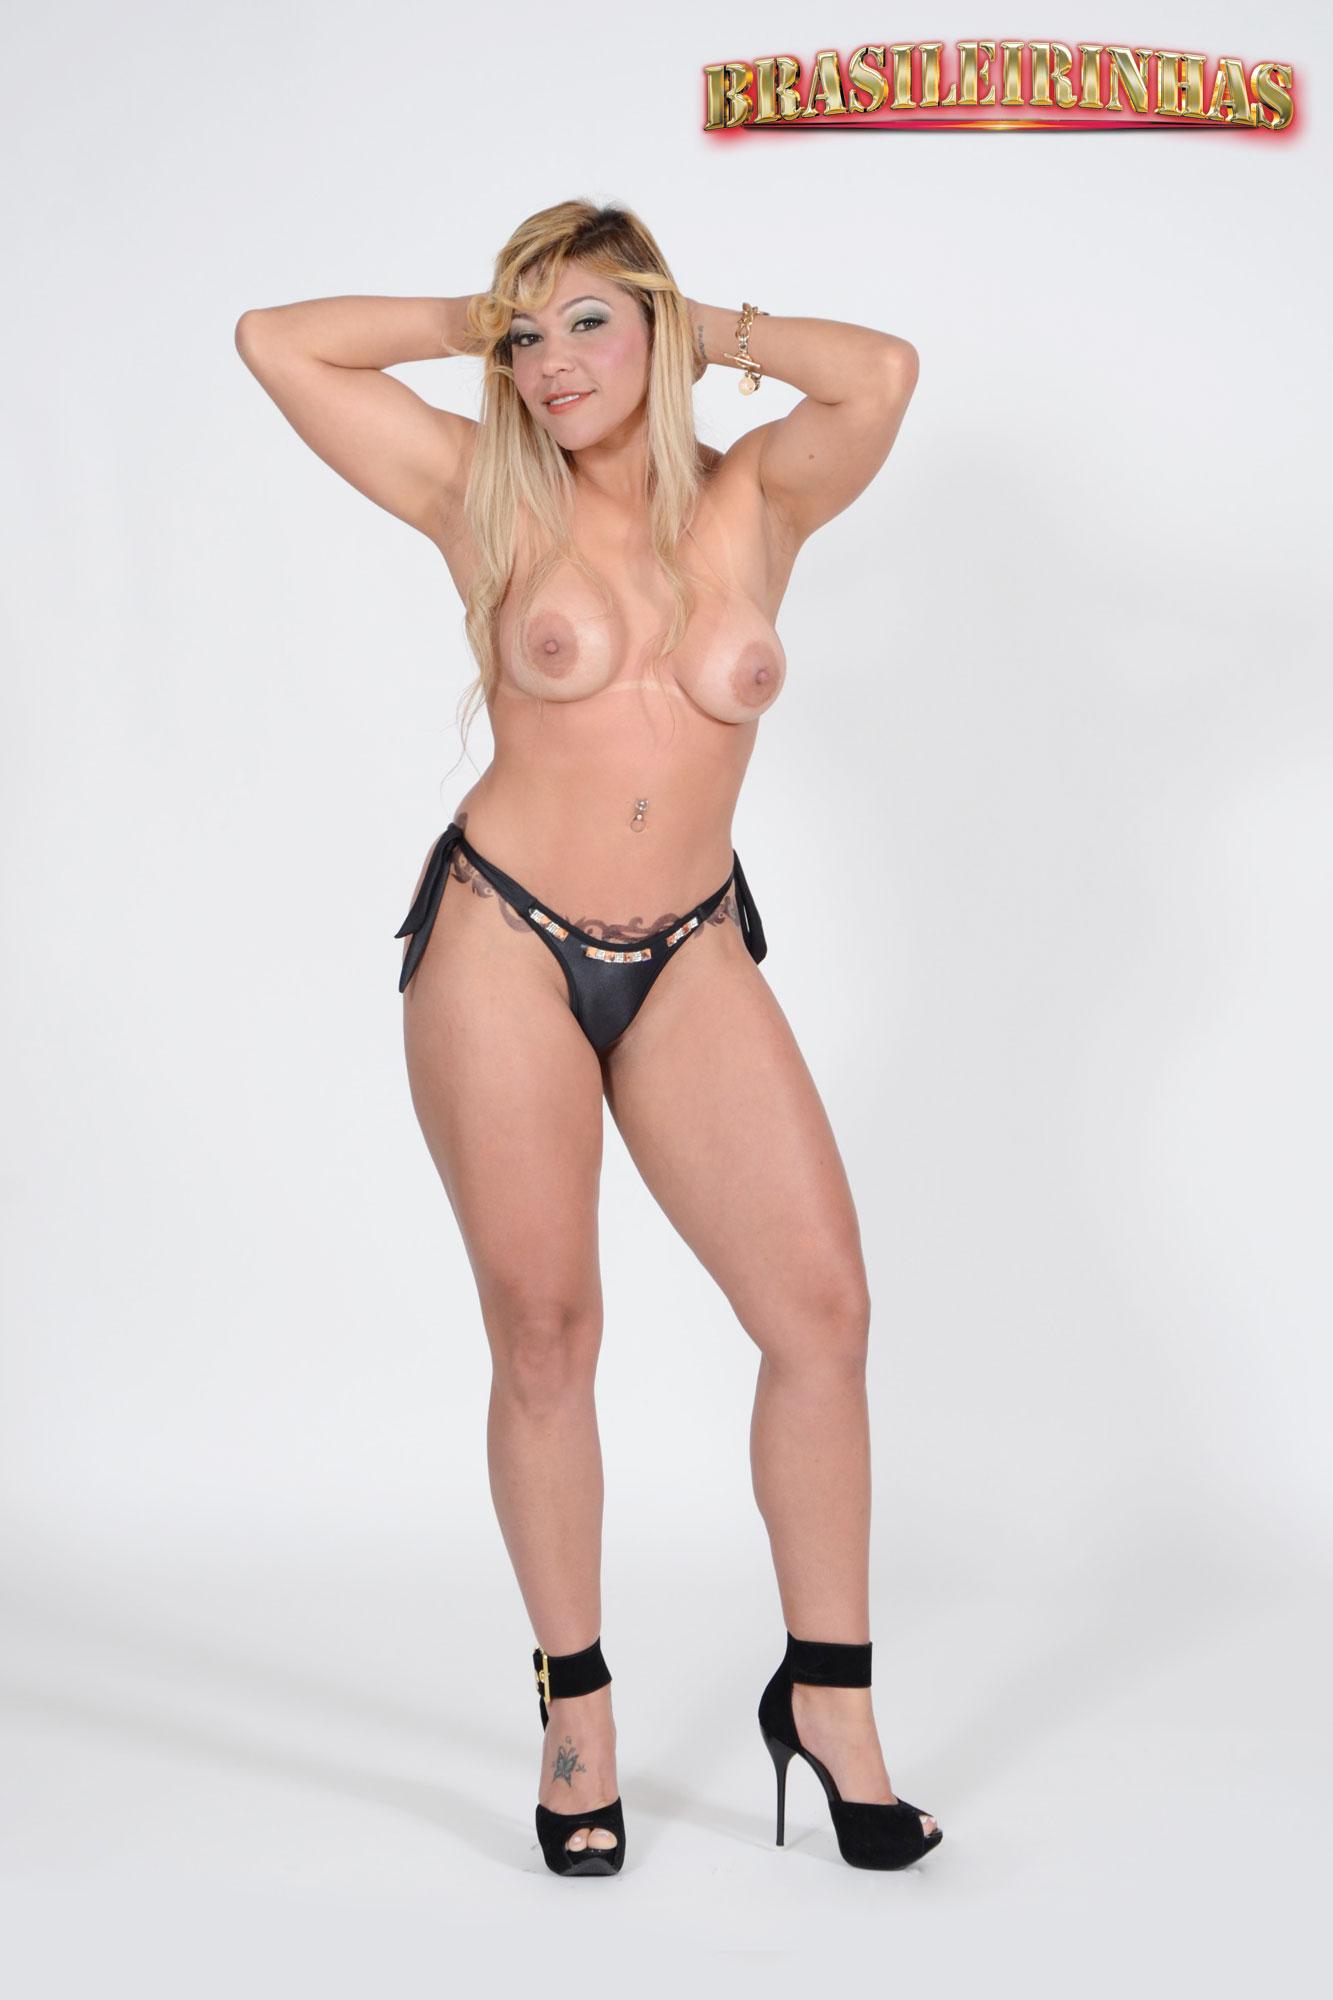 Sexy Brasileirinhas.com